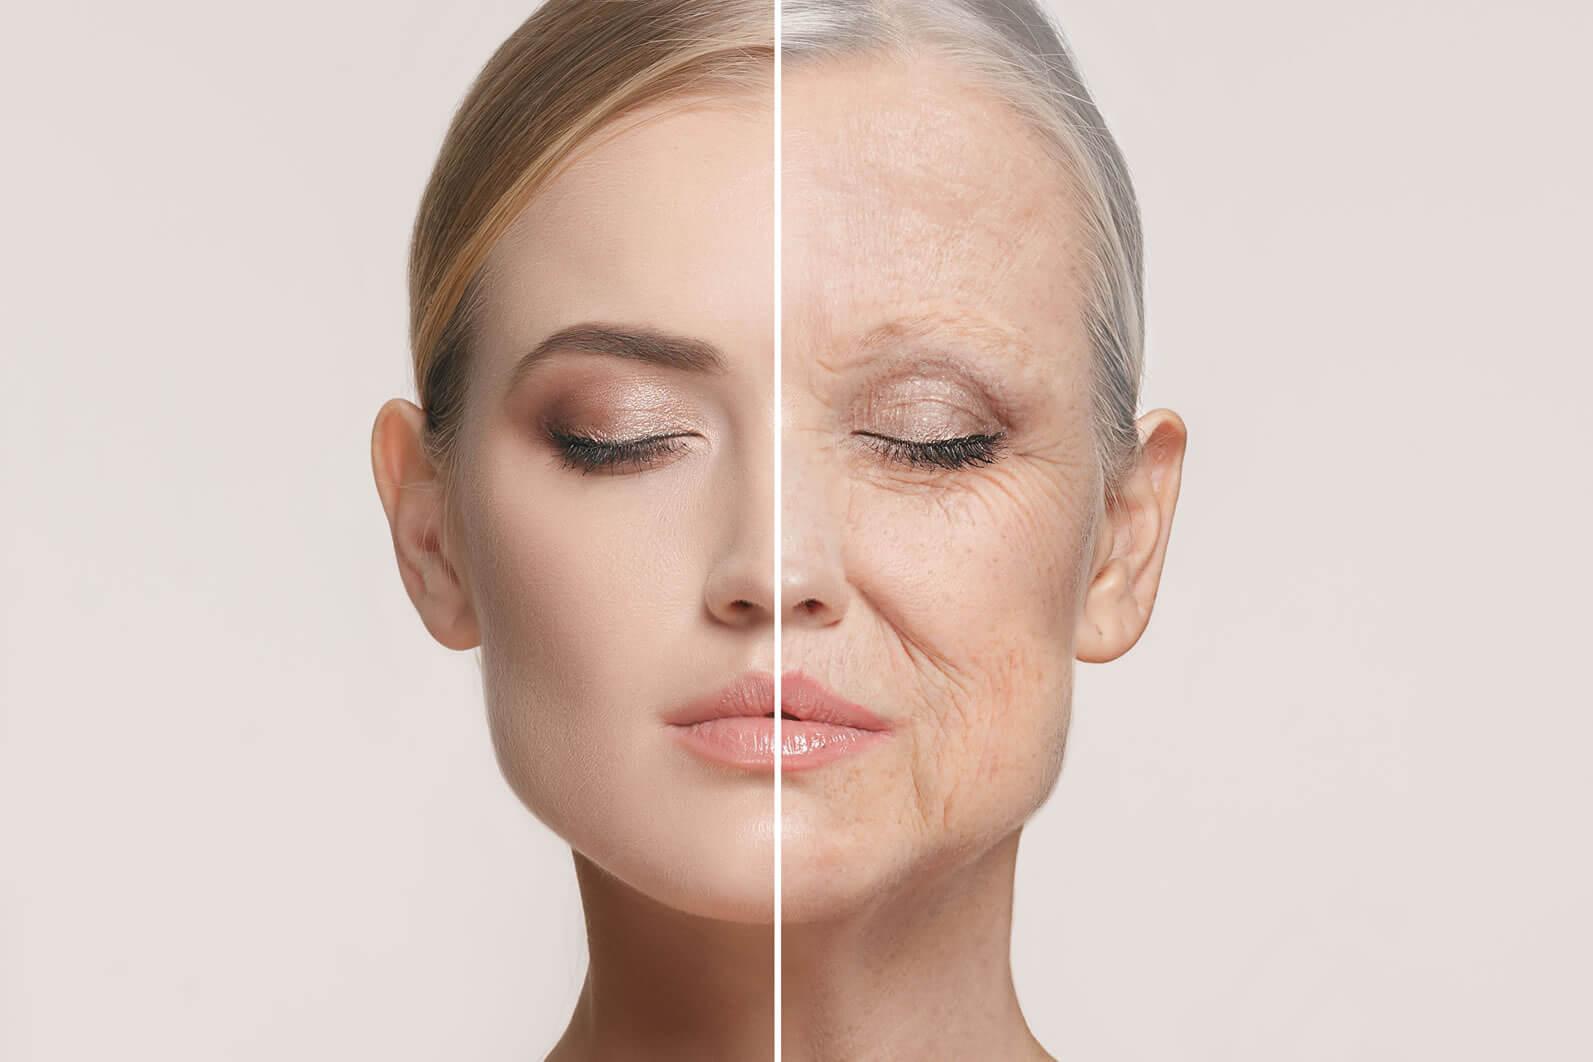 病気や老化の予防効果